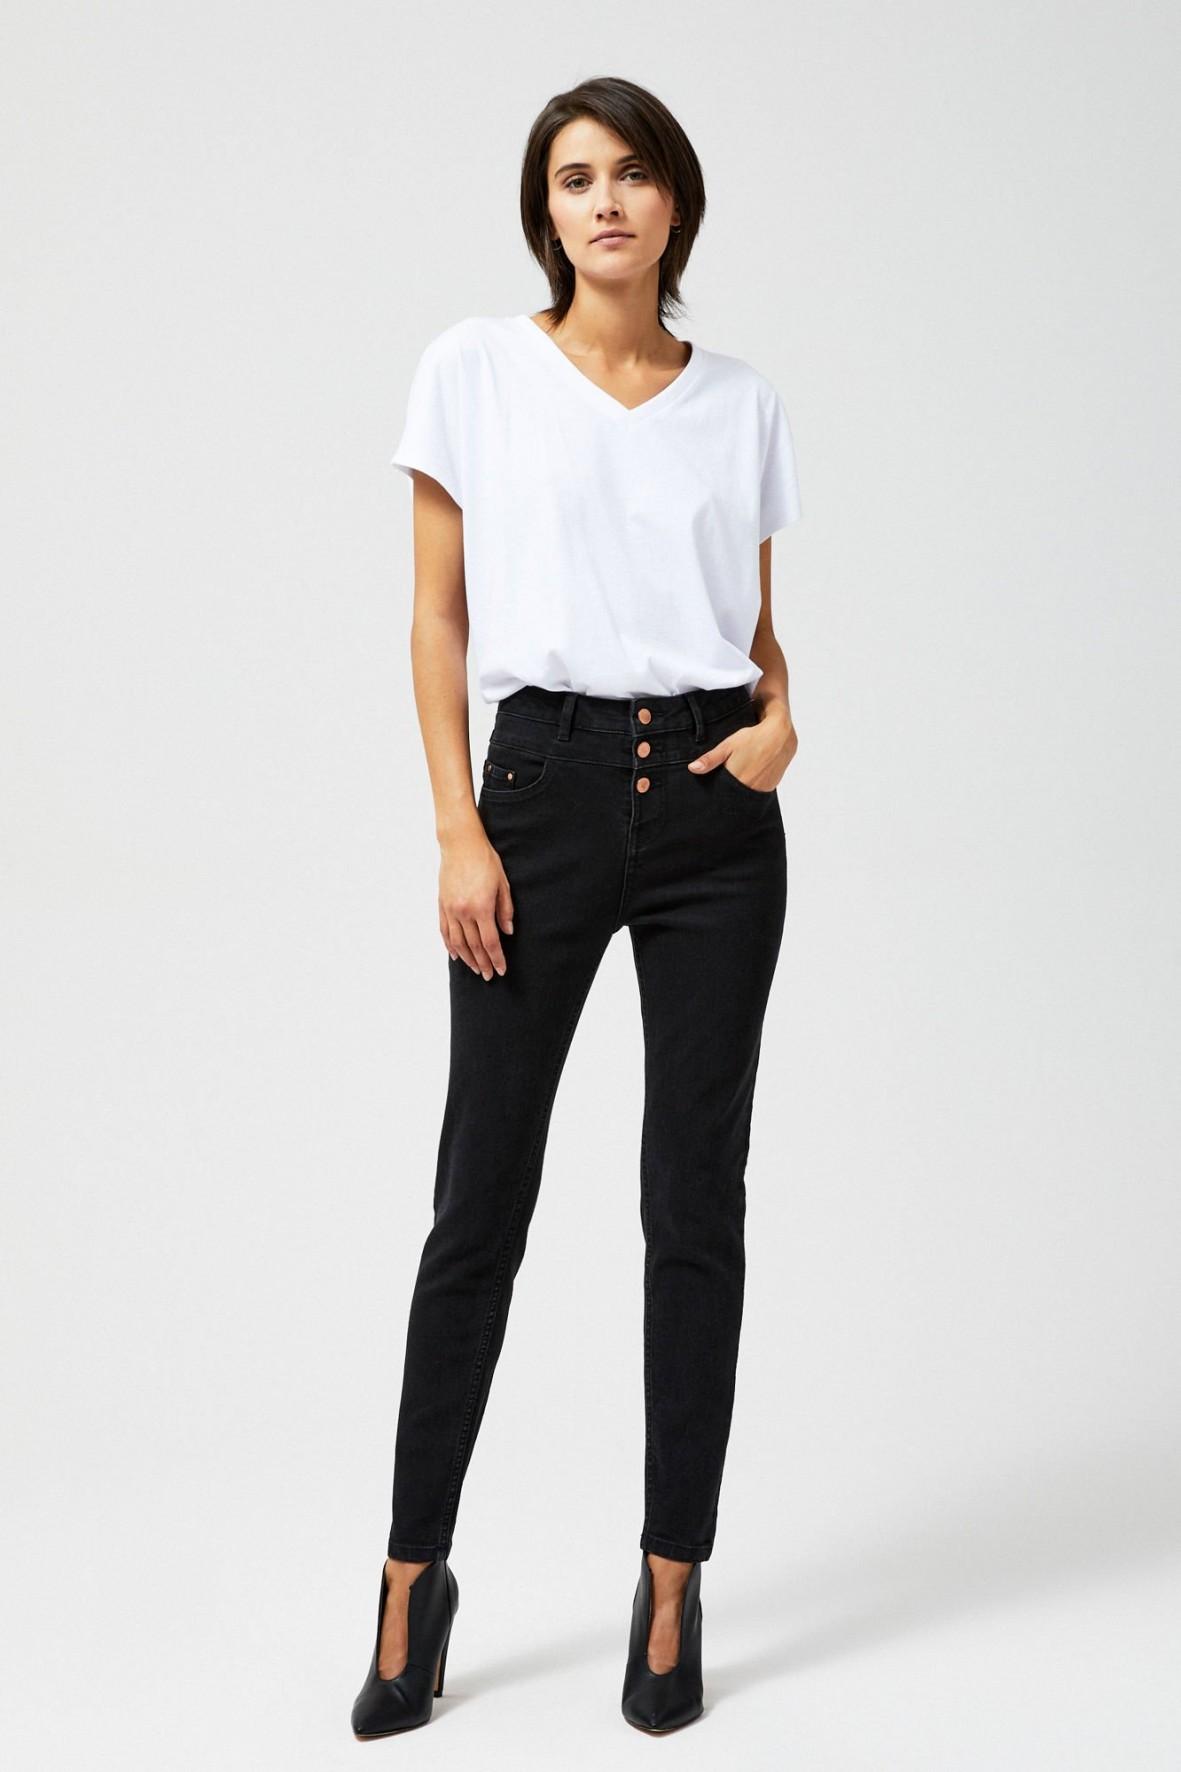 Spodnie jeansowe damskie- czarne